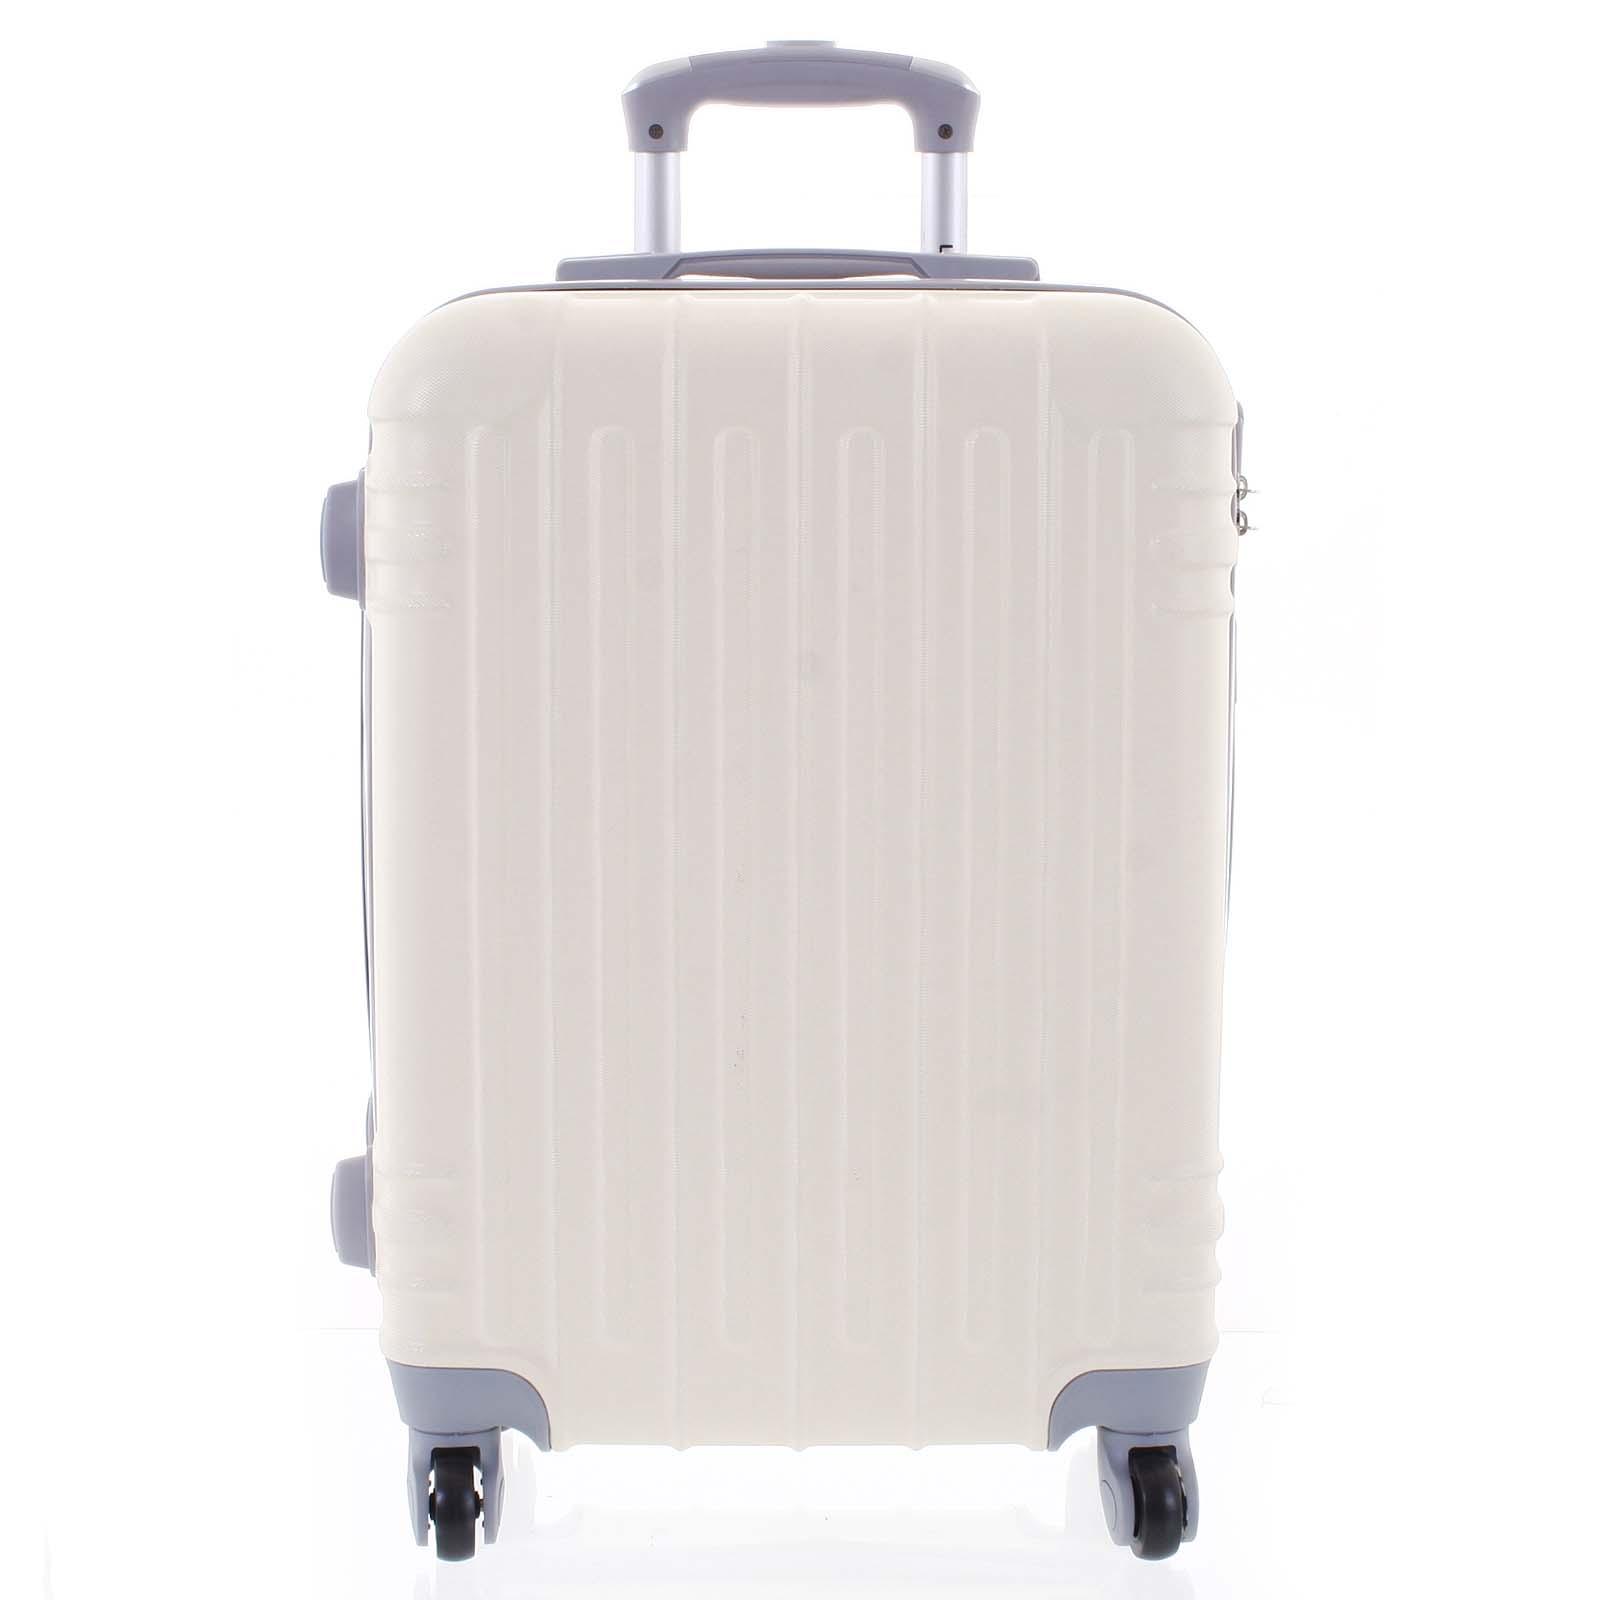 Moderní krémově bílý skořepinový cestovní kufr - Ormi Dopp M